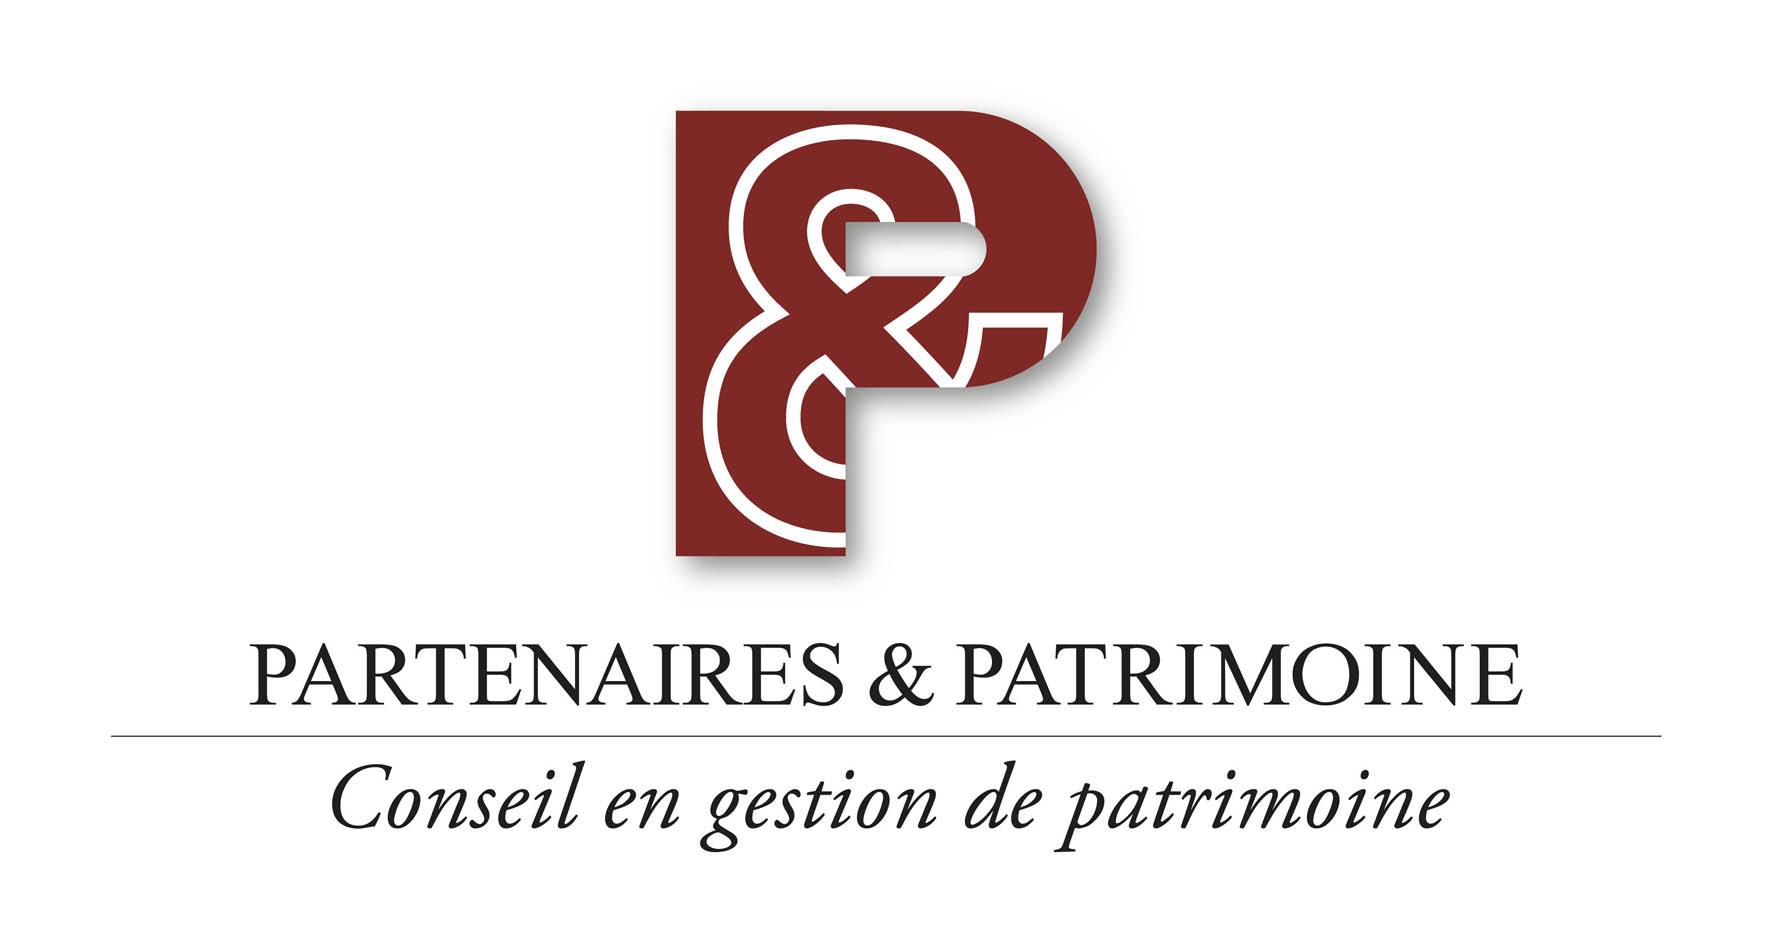 Partenaires Patrimoine Cabinet De Conseil Generaliste En Gestion